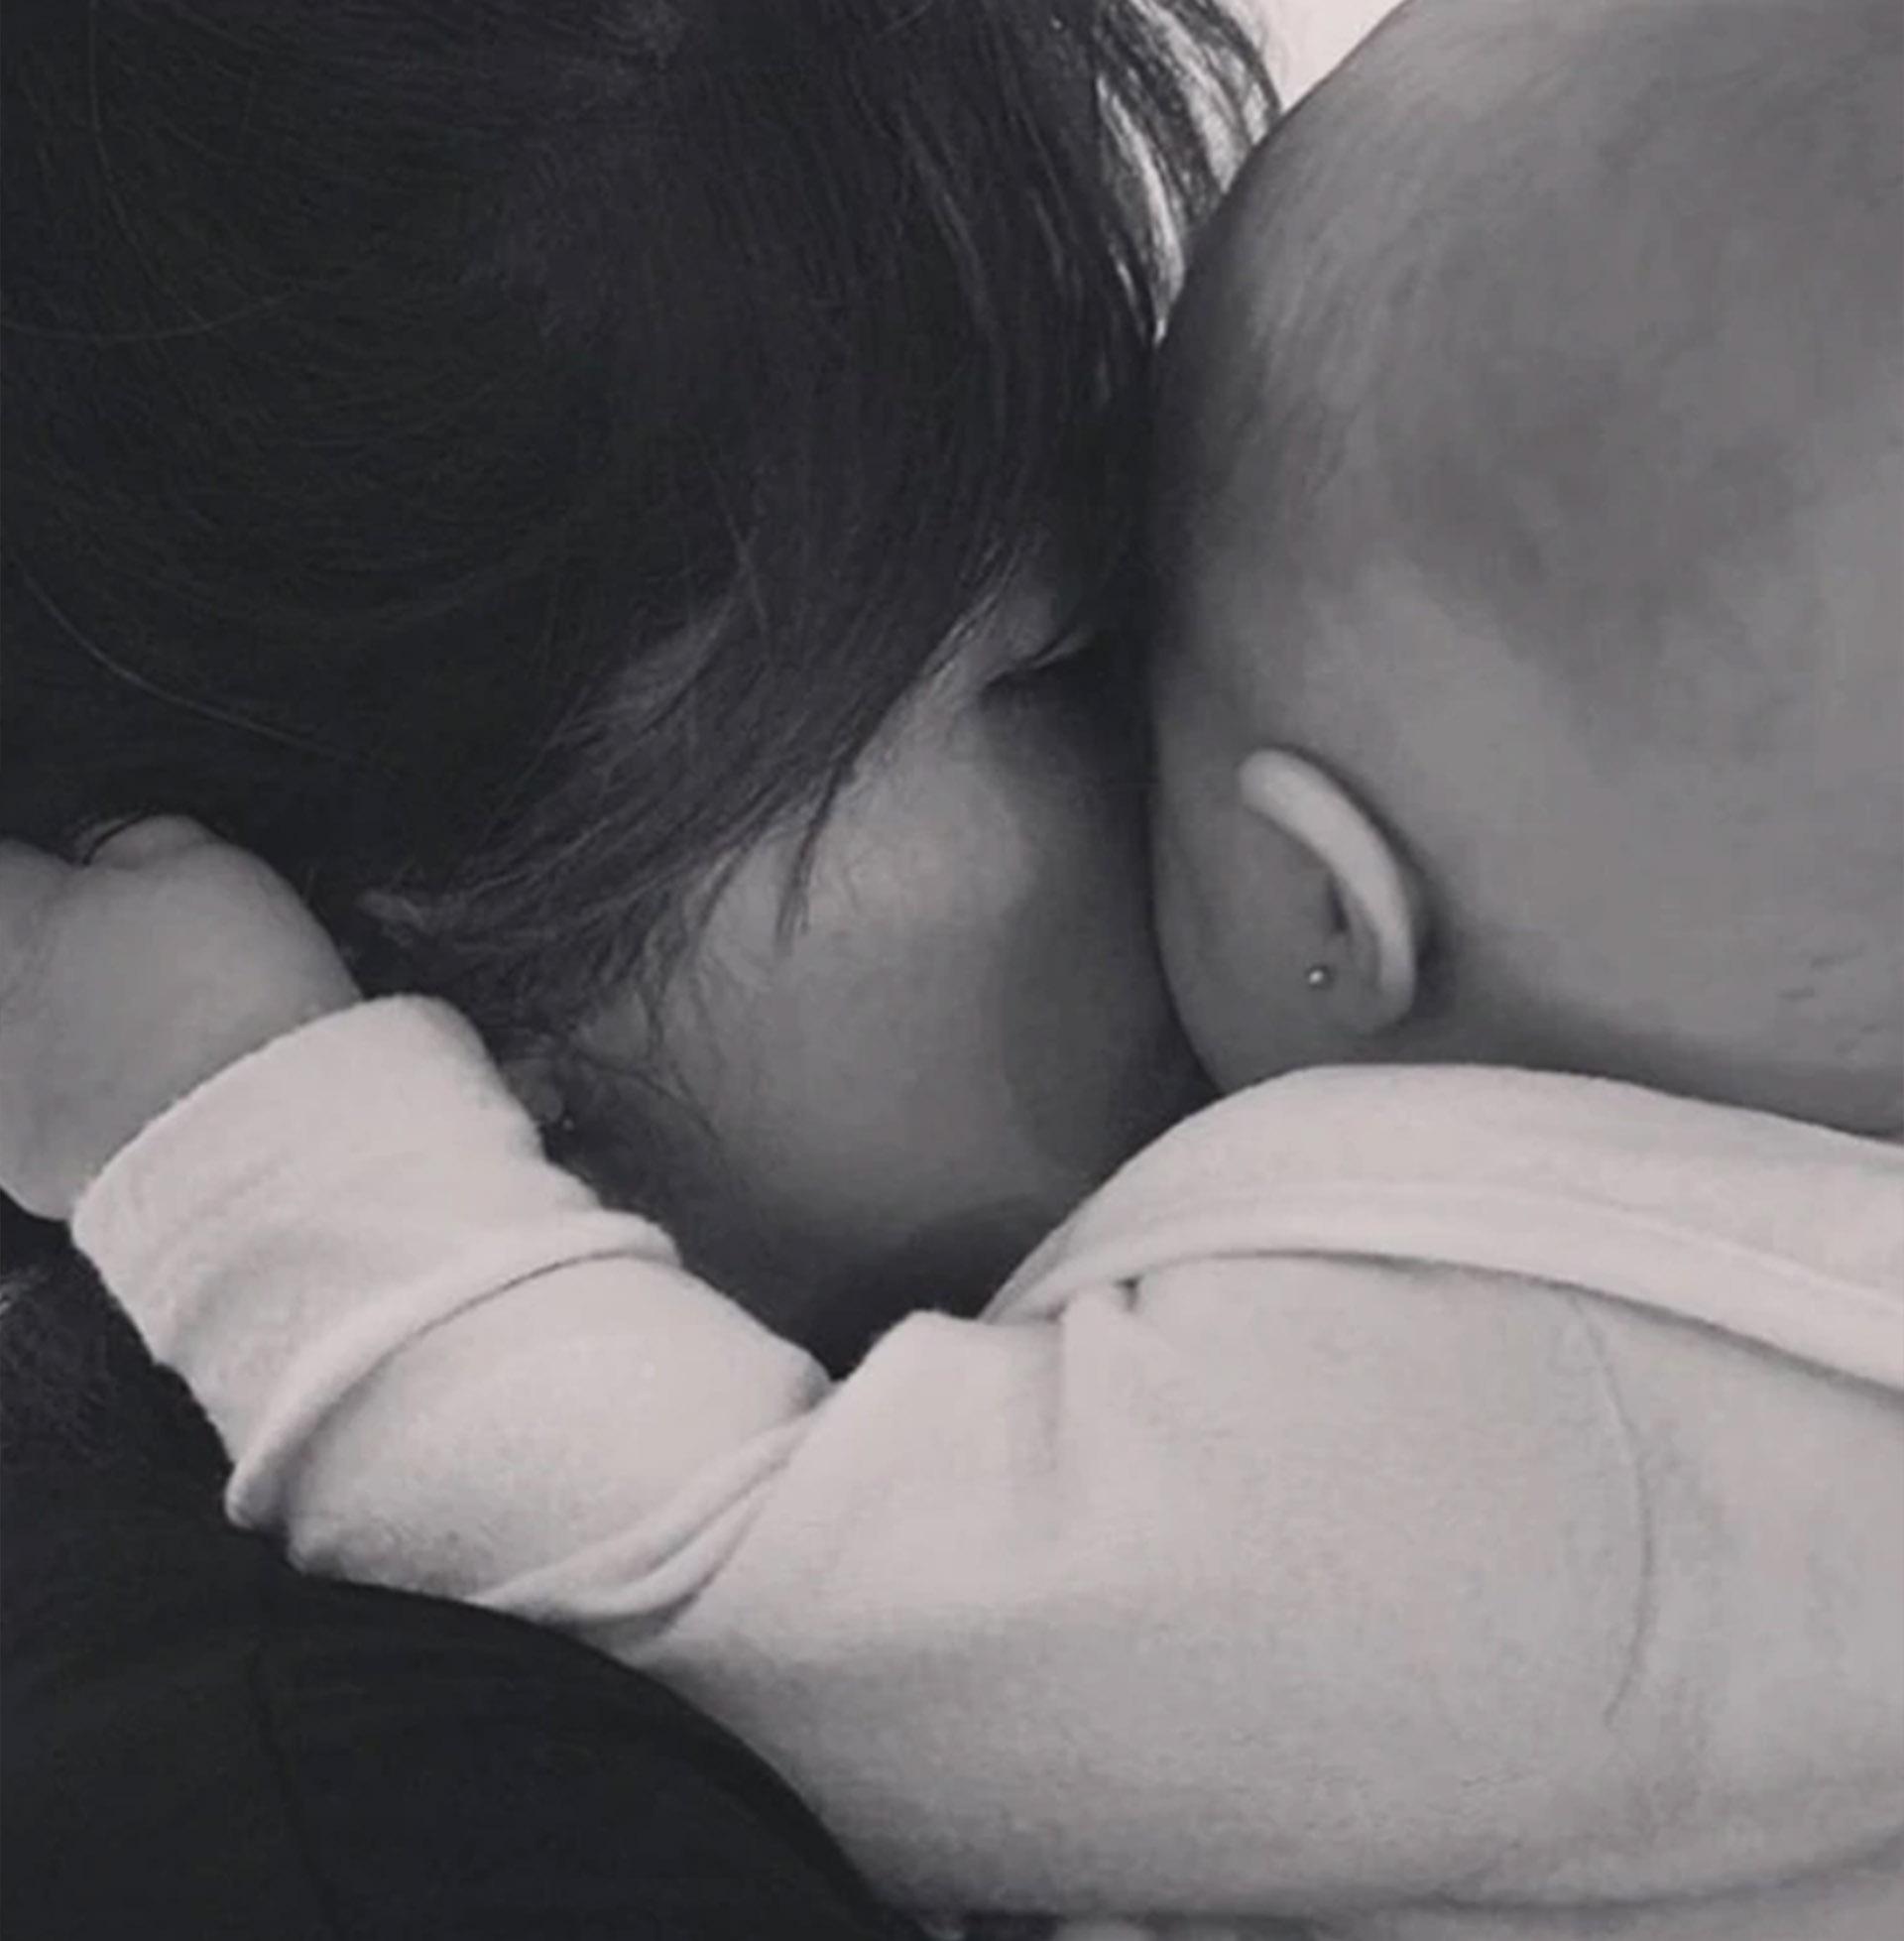 """A Roma, con amor. Gianinna Maradona compartió una hermosa carta dirigida a su sobrina, la hija de Dalma Maradona, quien acaba de cumplir seis meses de vida. Y conmovió a sus seguidores en las redes al confesarle: """"Ser tu tía me salvó la vida"""" (Foto: Instagram)"""